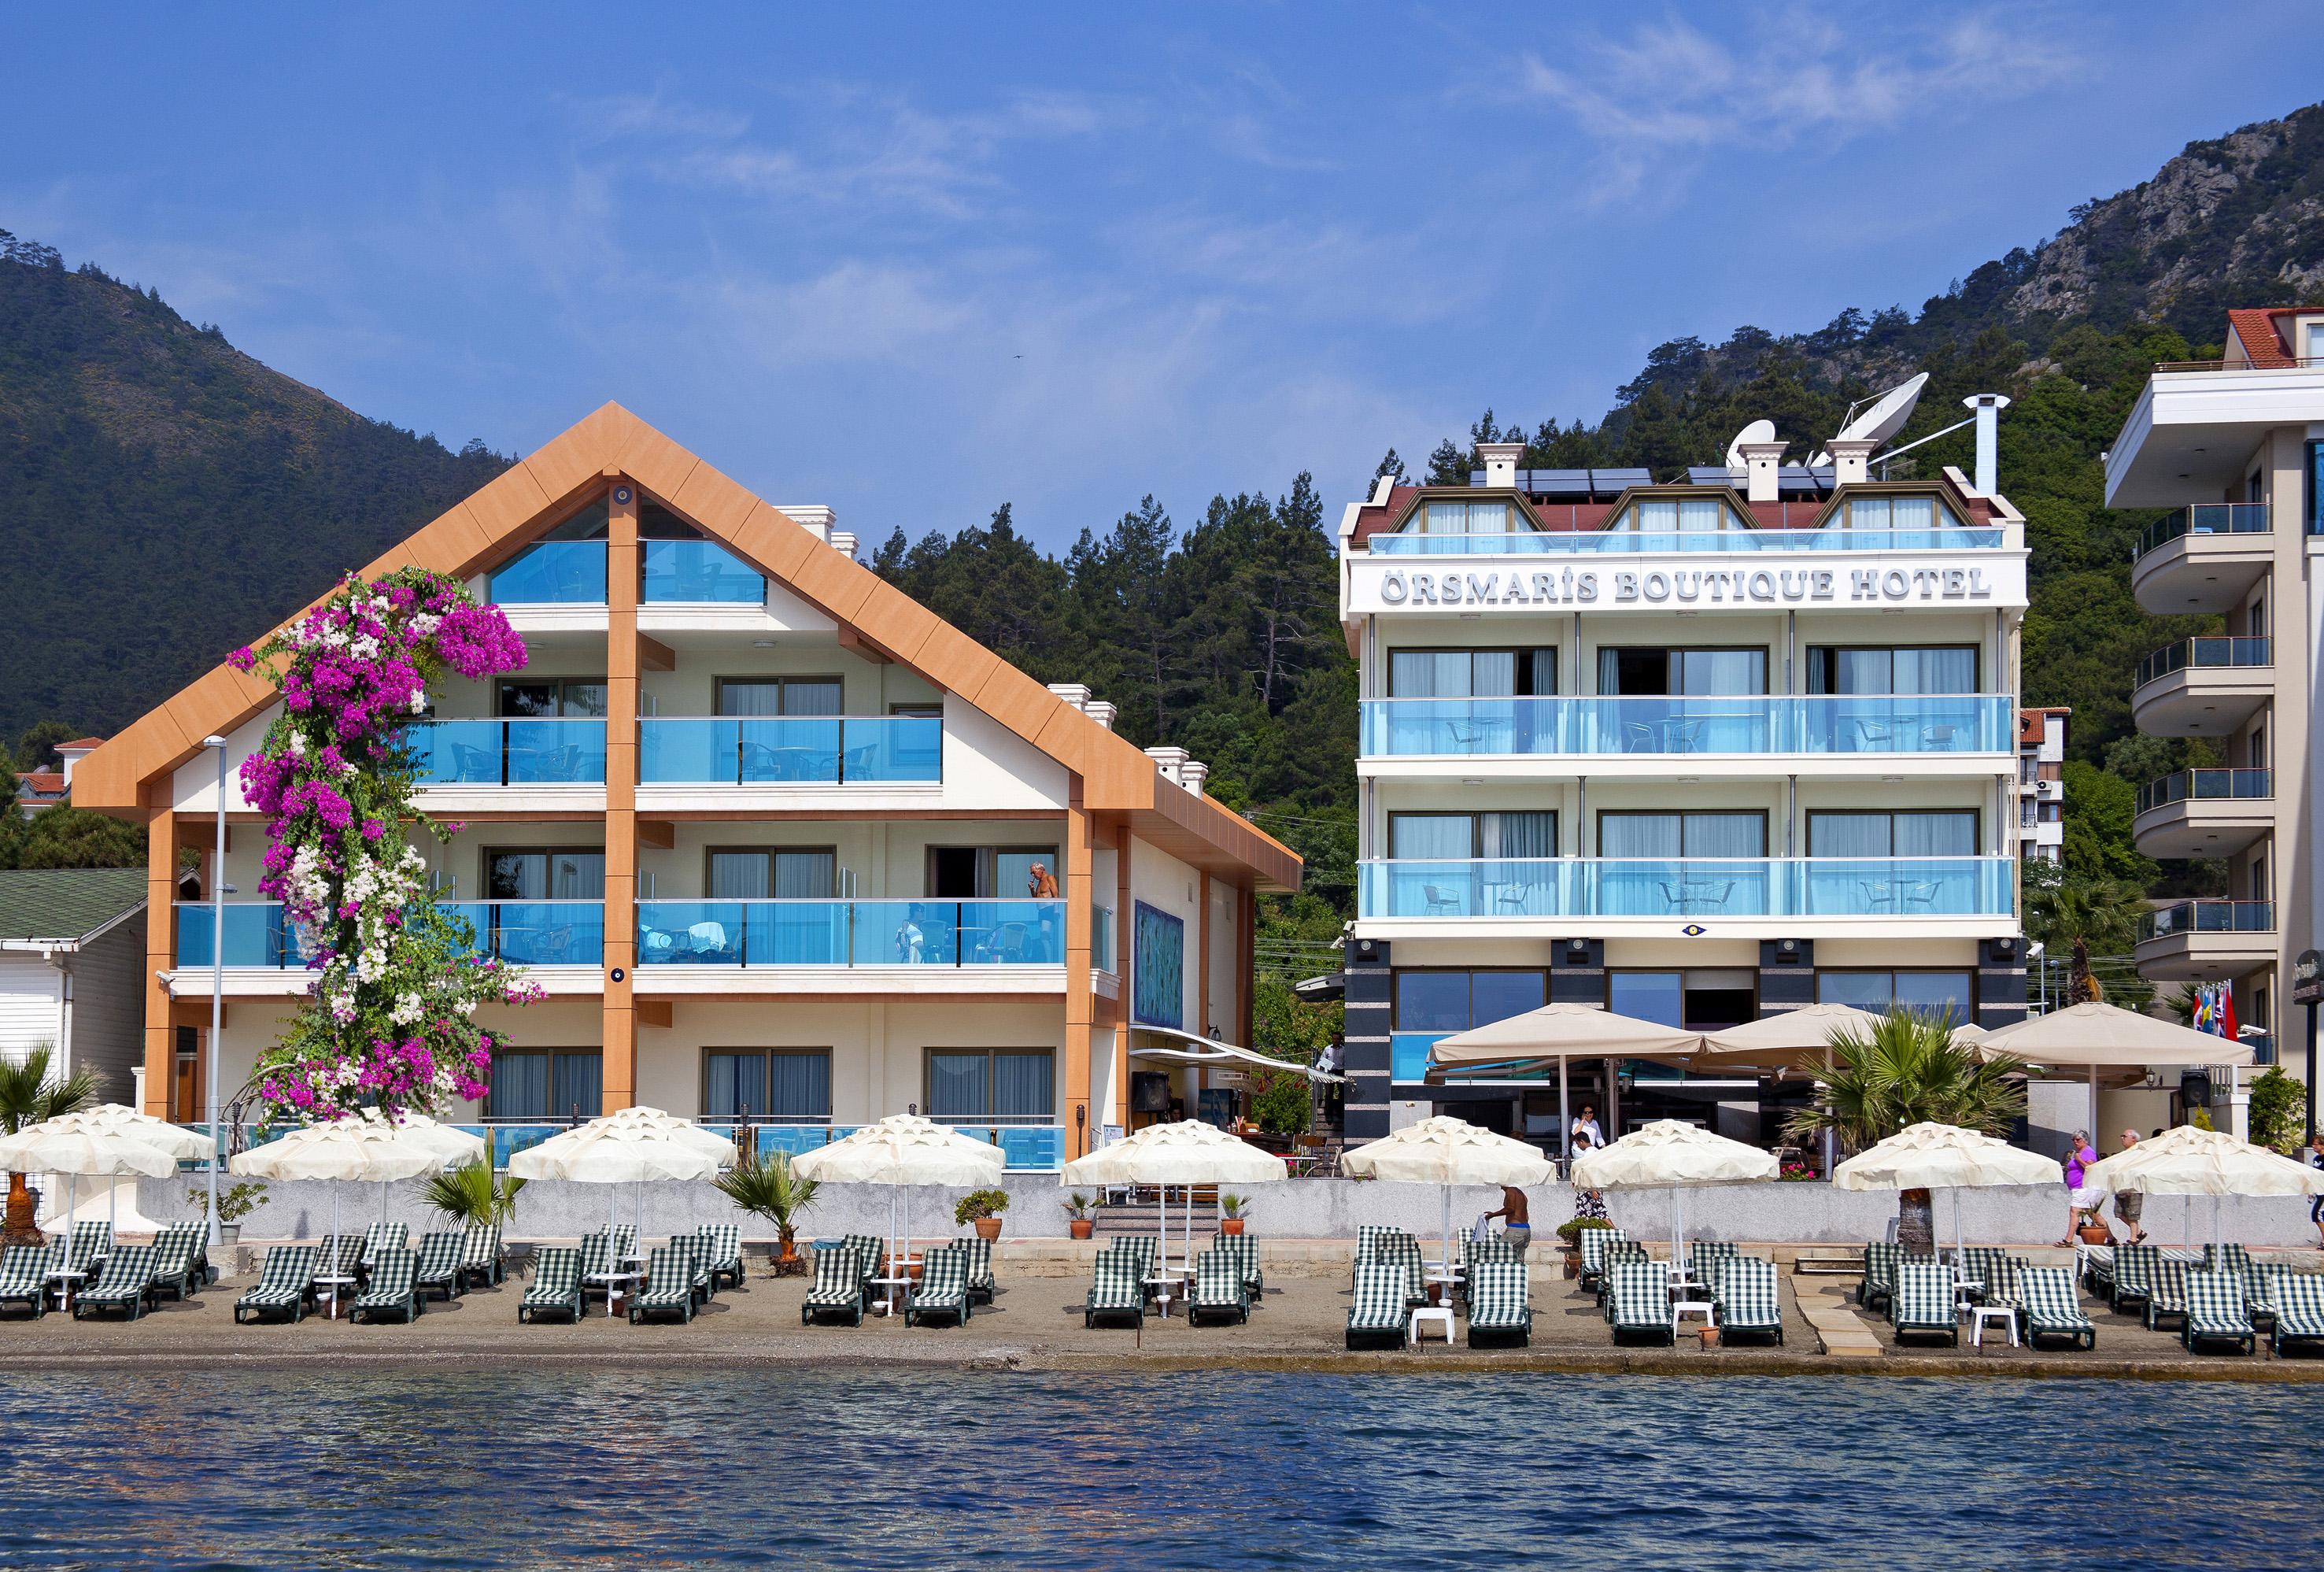 hoteles Hotel Orsmaris Boutique, Marmaris (Turquía)